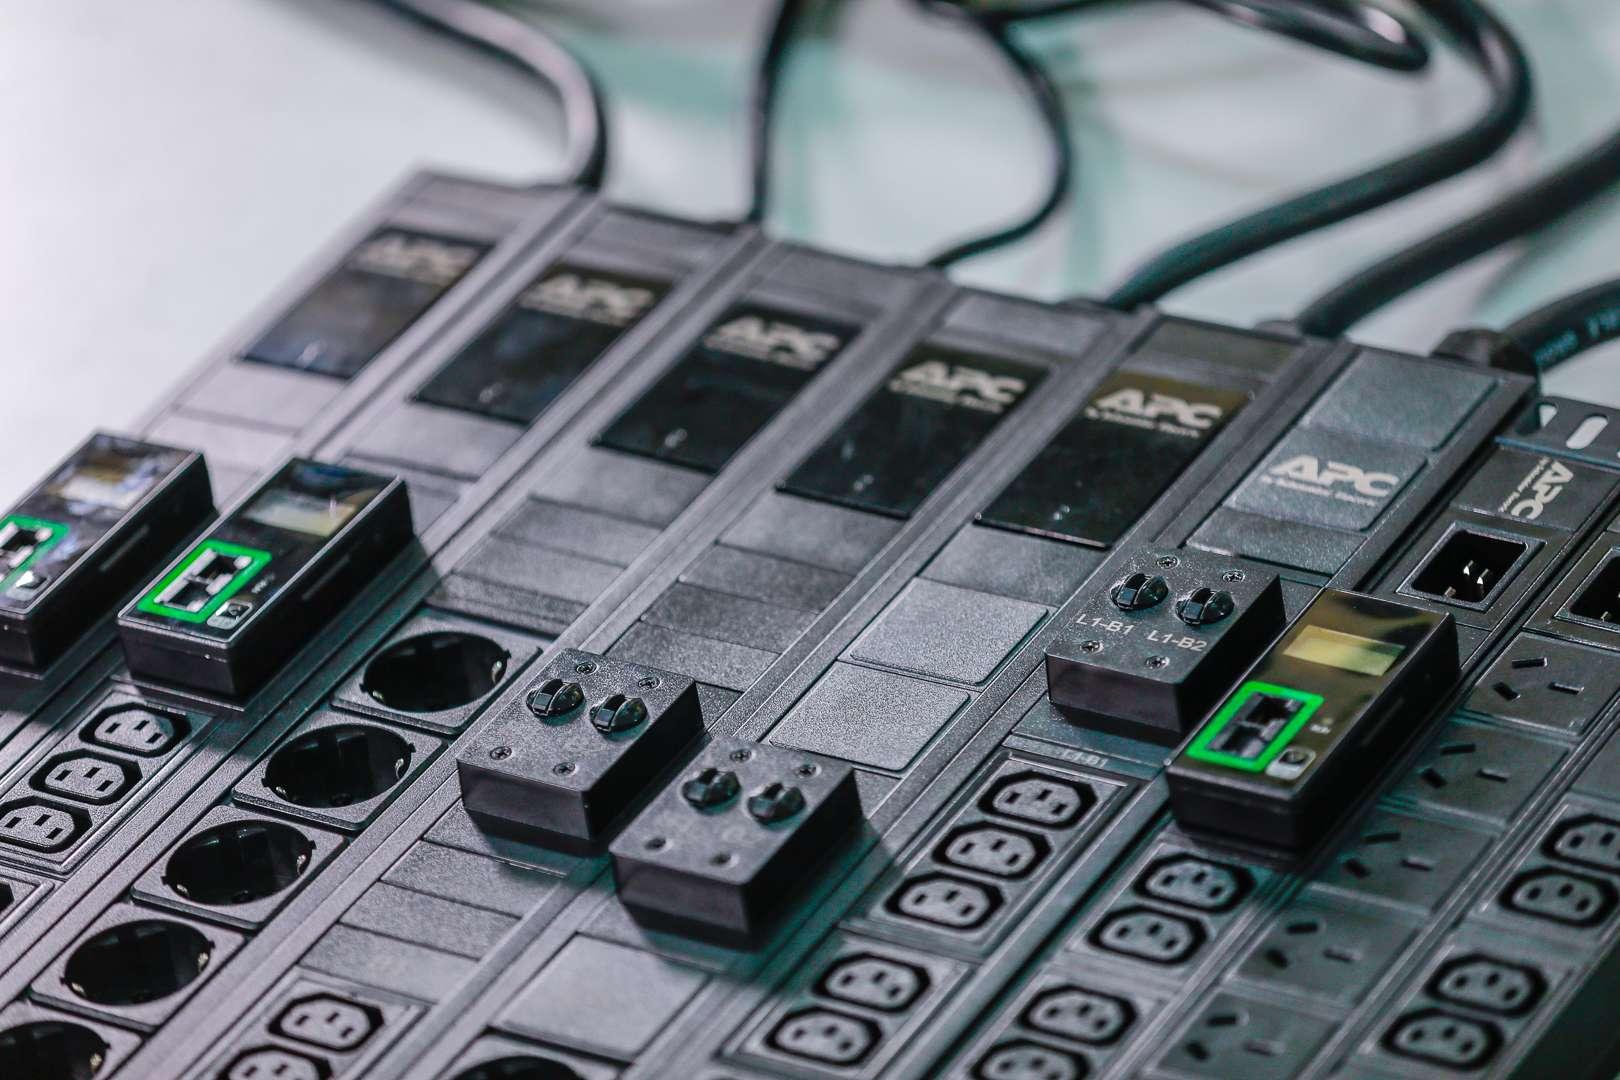 Η Schneider Electric ανακοινώνει τη νέα ολοκληρωμένη σειρά APC Easy Rack PDU